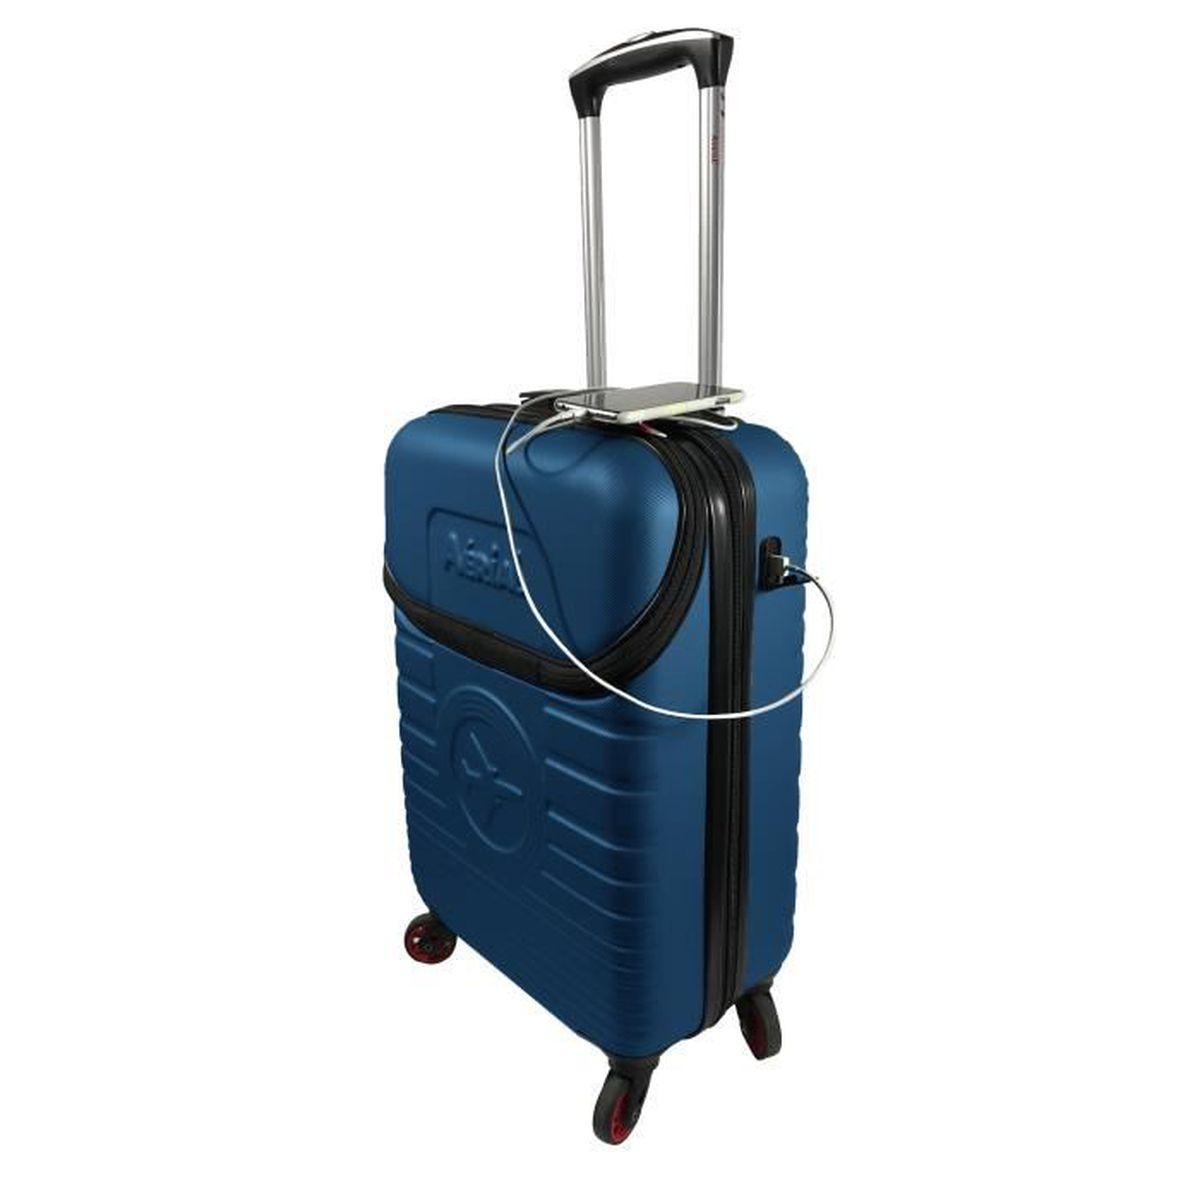 site réputé d5276 bea73 Valise cabine rigide Easyjet et Ryanair 4 roulettes 55 cm compartiment  ordinateur Bleu - AERIAL 115BLF-V2